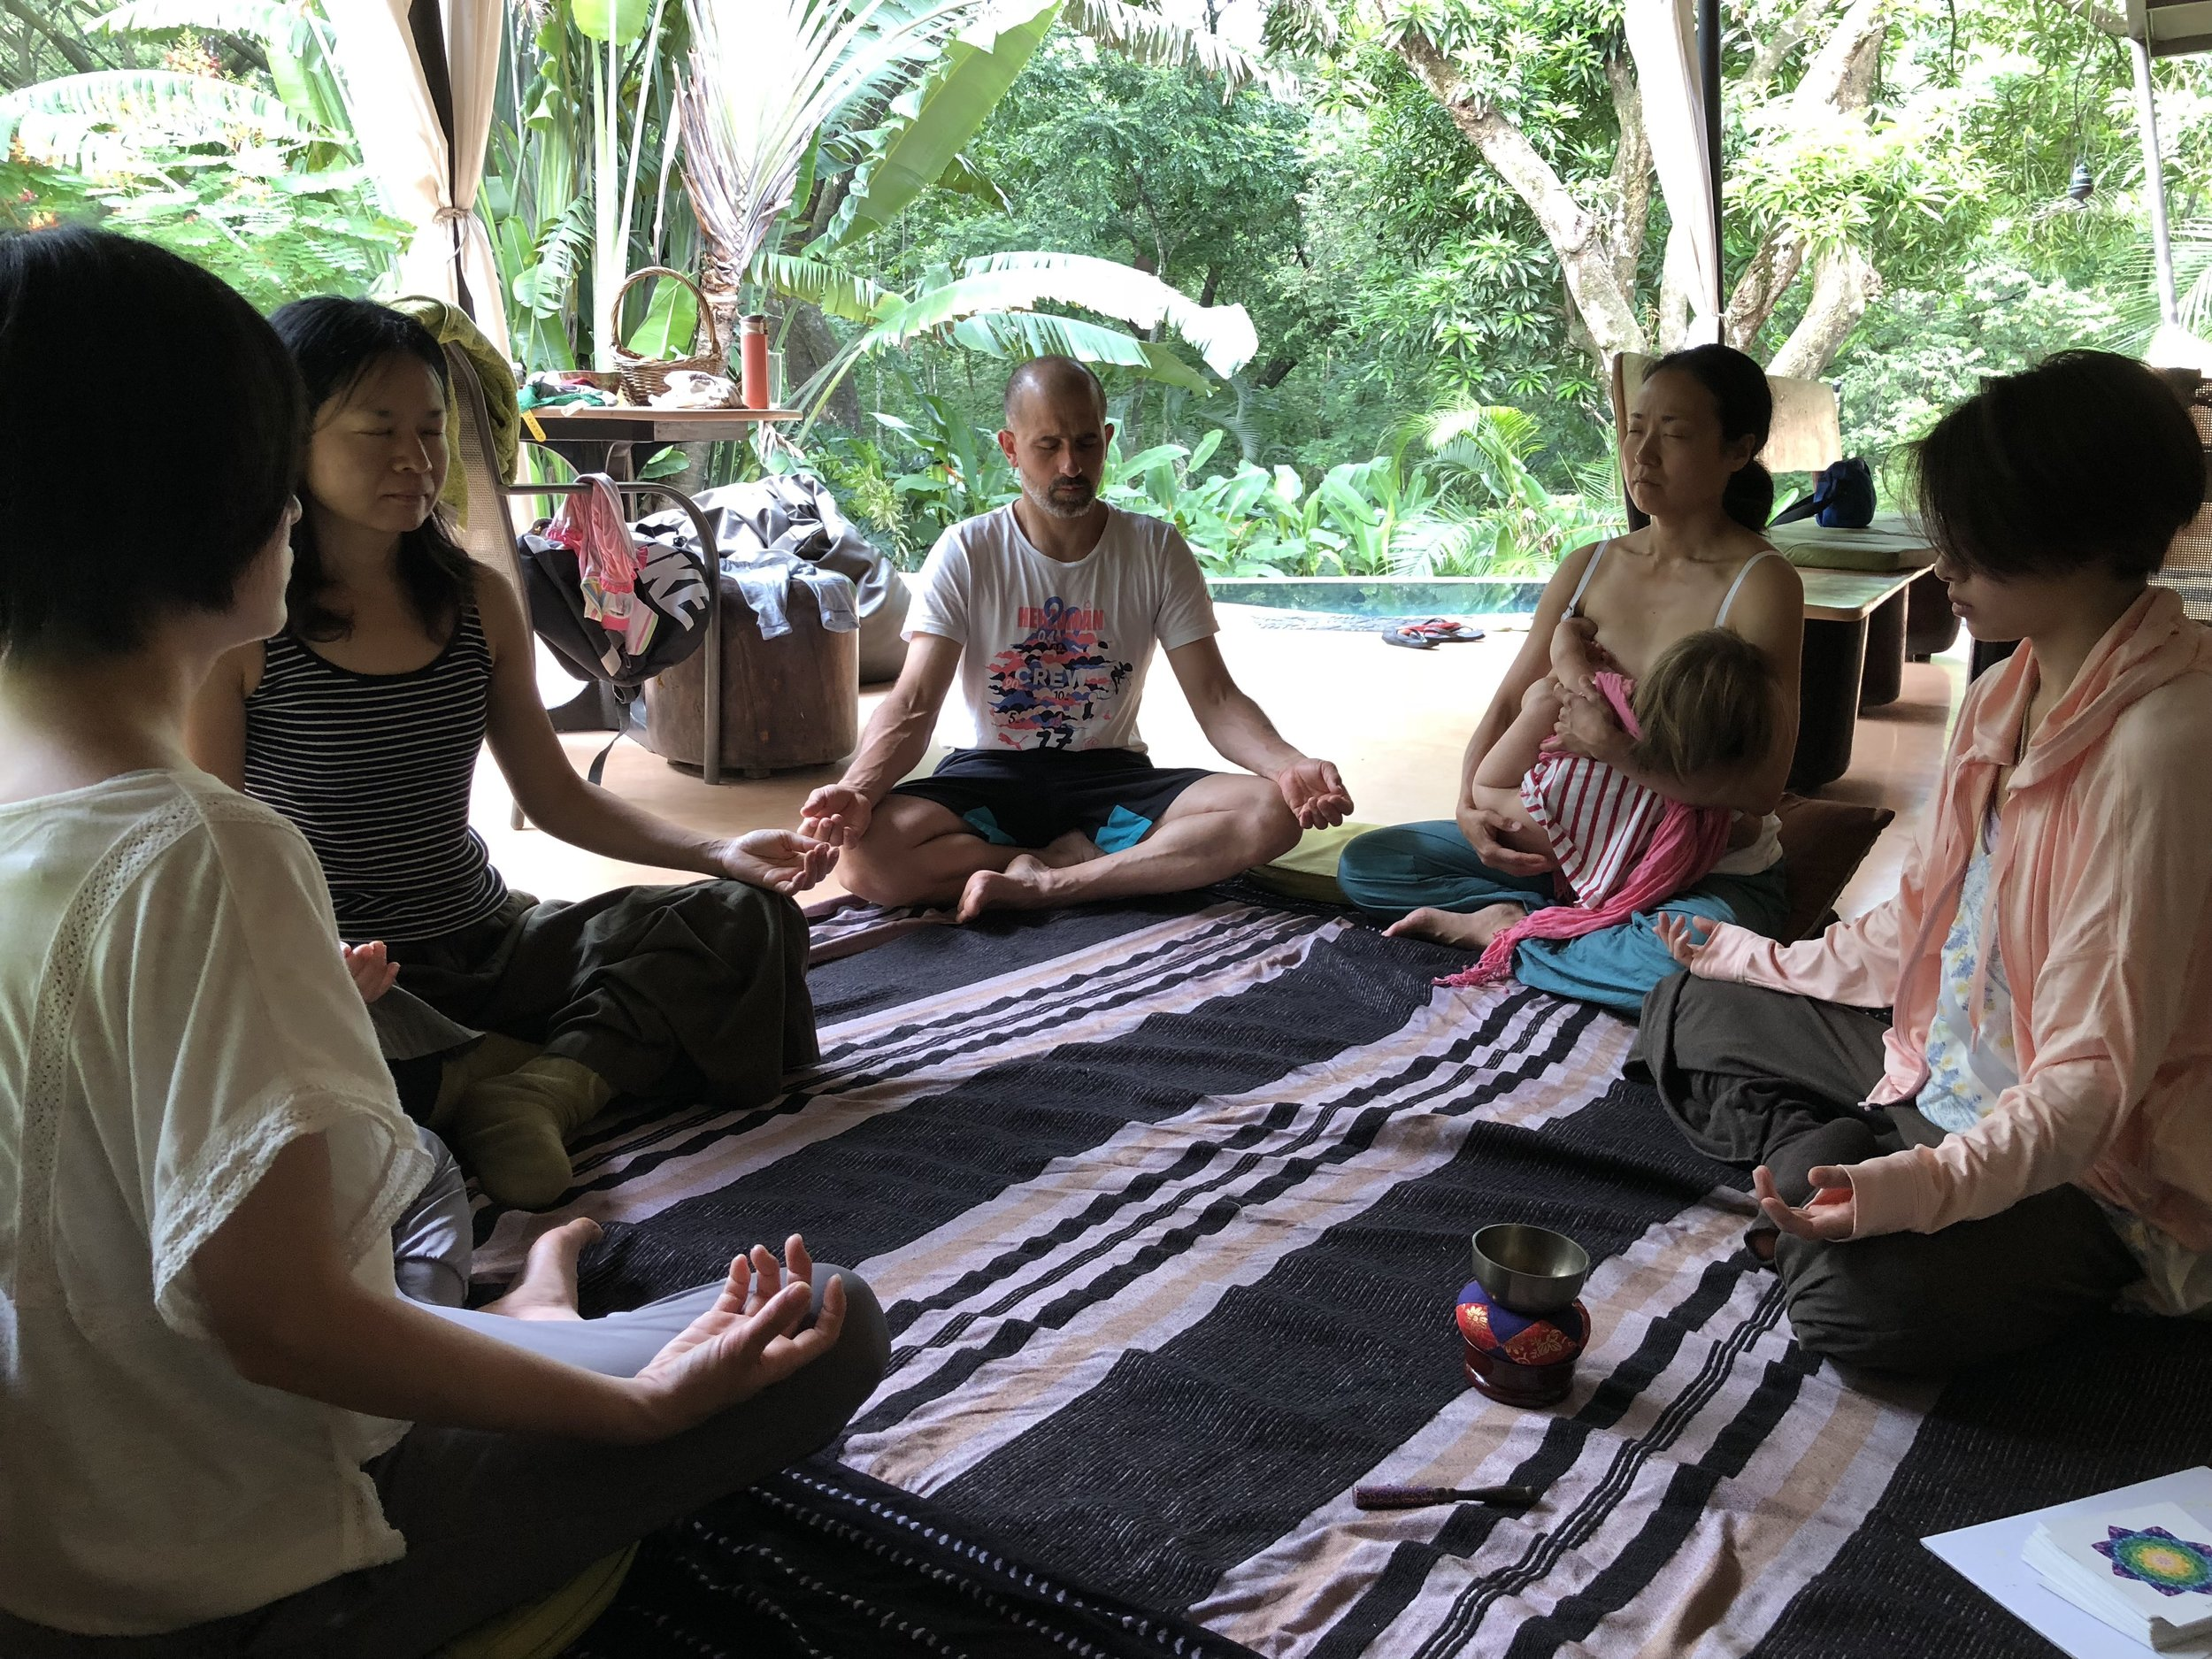 朝は、輪になって瞑想から始めます。まわりの音、匂いに意識をむけることで感覚を開き、そして自分の呼吸にのみ意識をむけて無の状態を経験する、朝の神聖な時間。瞑想に興味がある方、始めたい方は、 こちらのオンライン講座 、ぜひご参加下さいね。一緒に、朝の瞑想タイム、日課にしていきましょう。